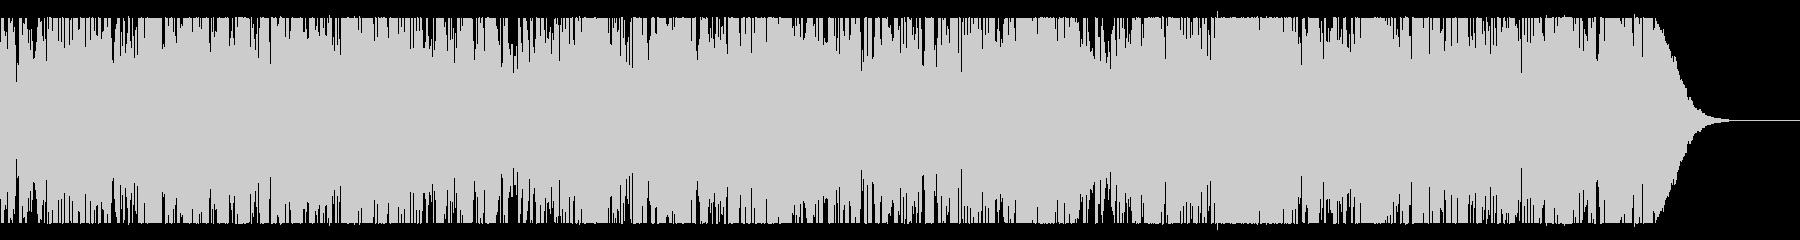 プロ生演奏アイリッシュケルトバイオリンの未再生の波形